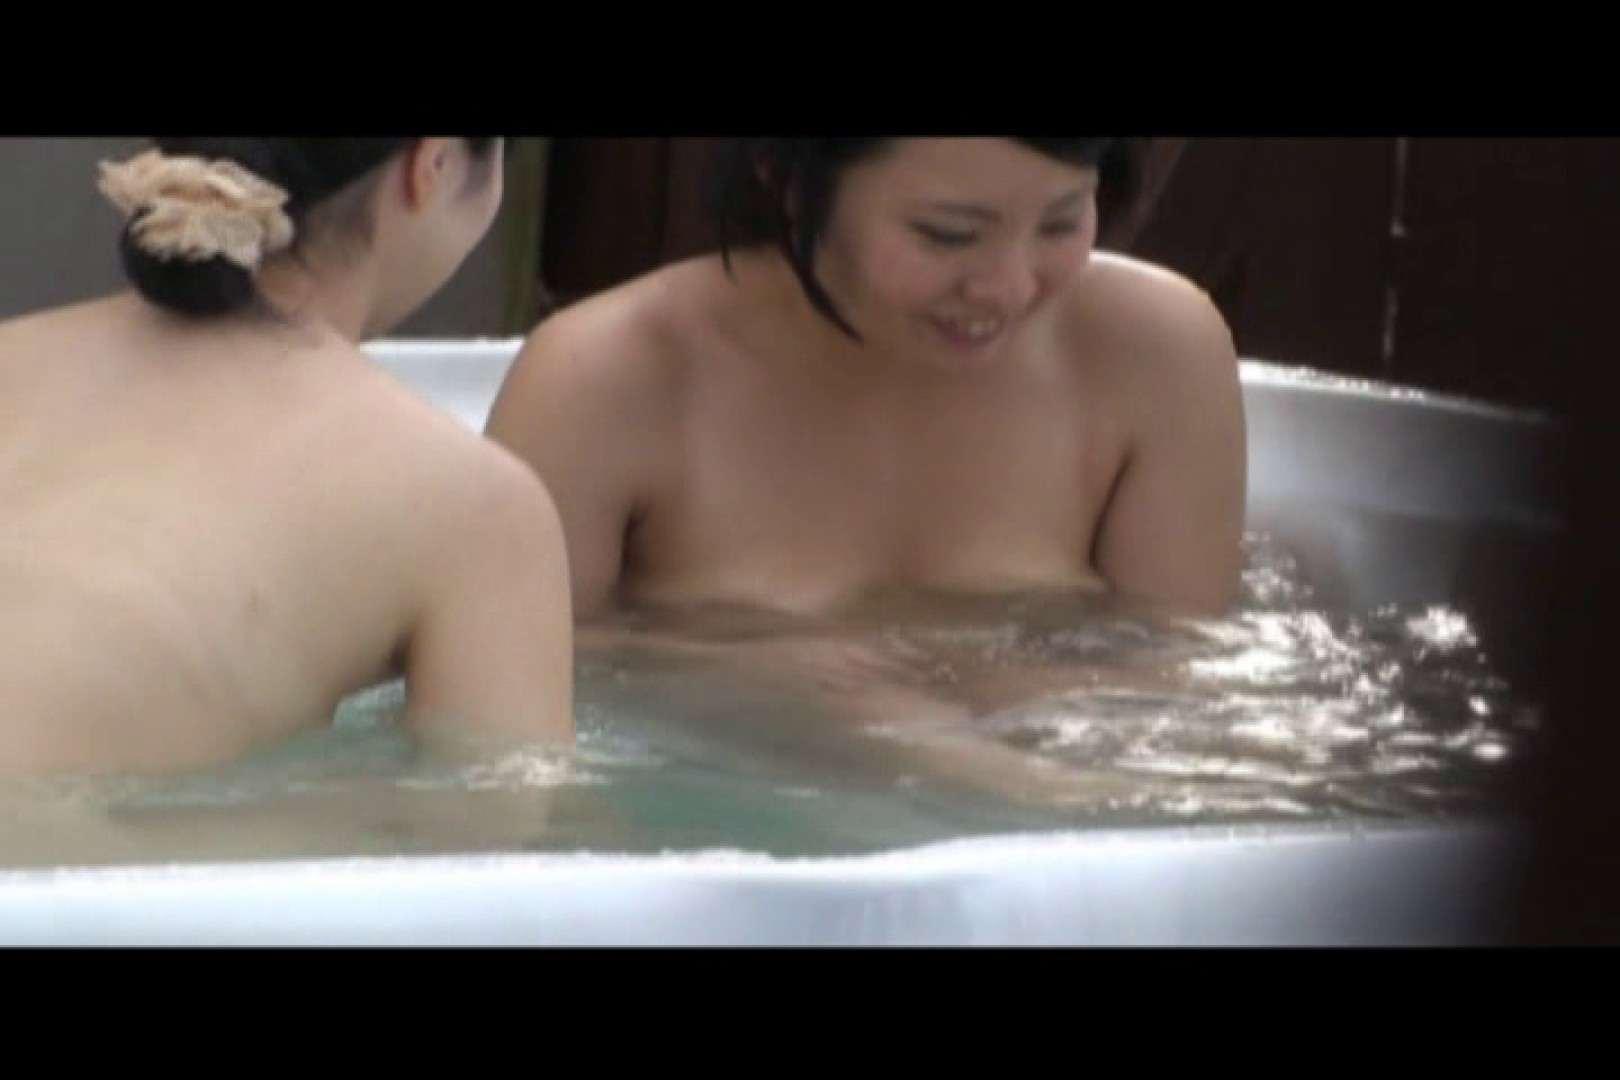 貸切露天 発情カップル! vol.07 カップルDEイチャイチャ  92連発 9